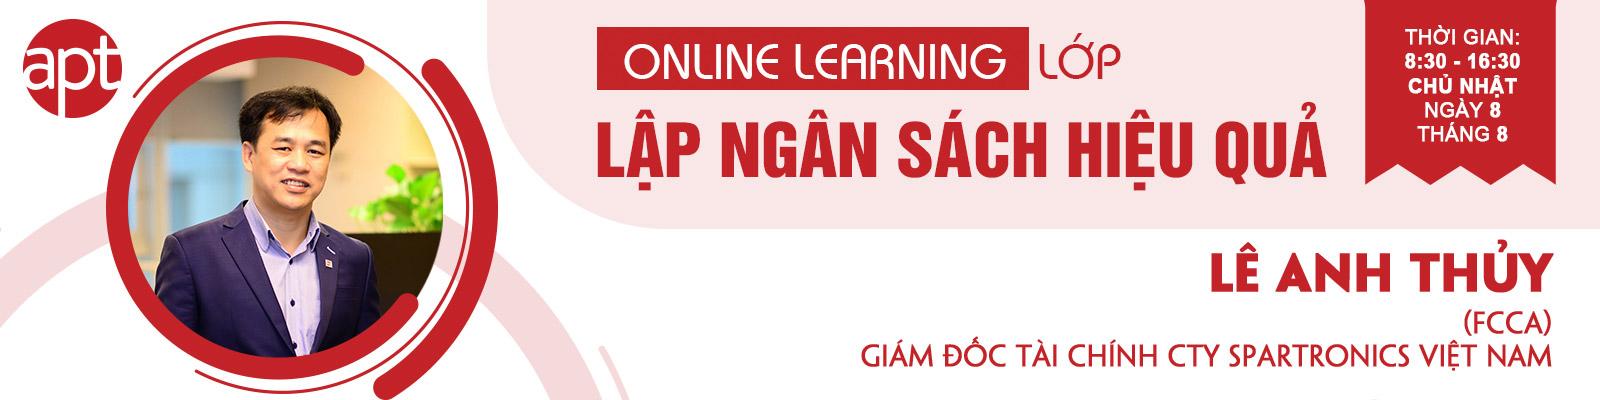 khóa học trực tuyến kế hoạch lập ngân sách